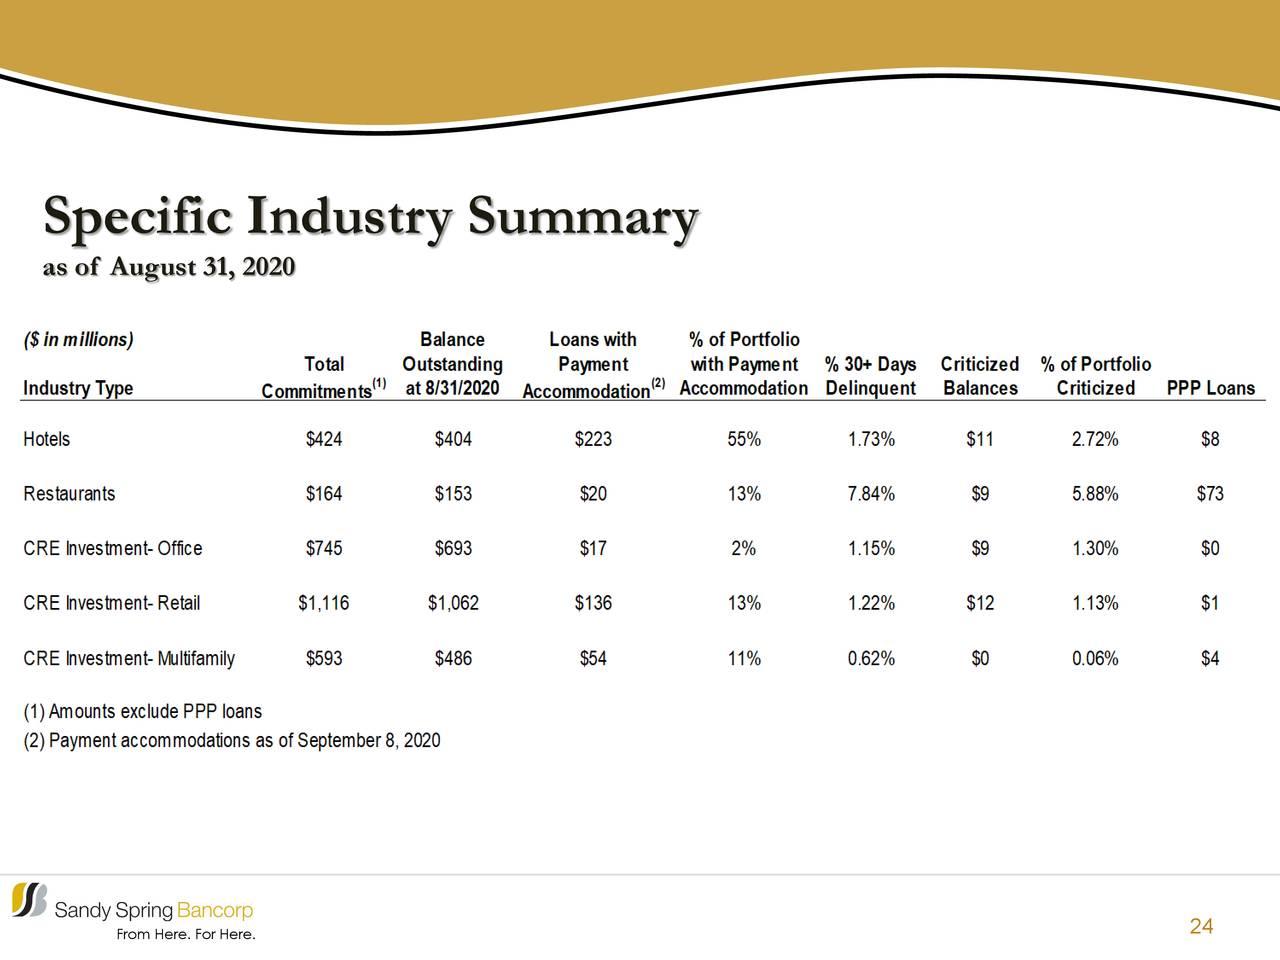 Resumen de la industria específica